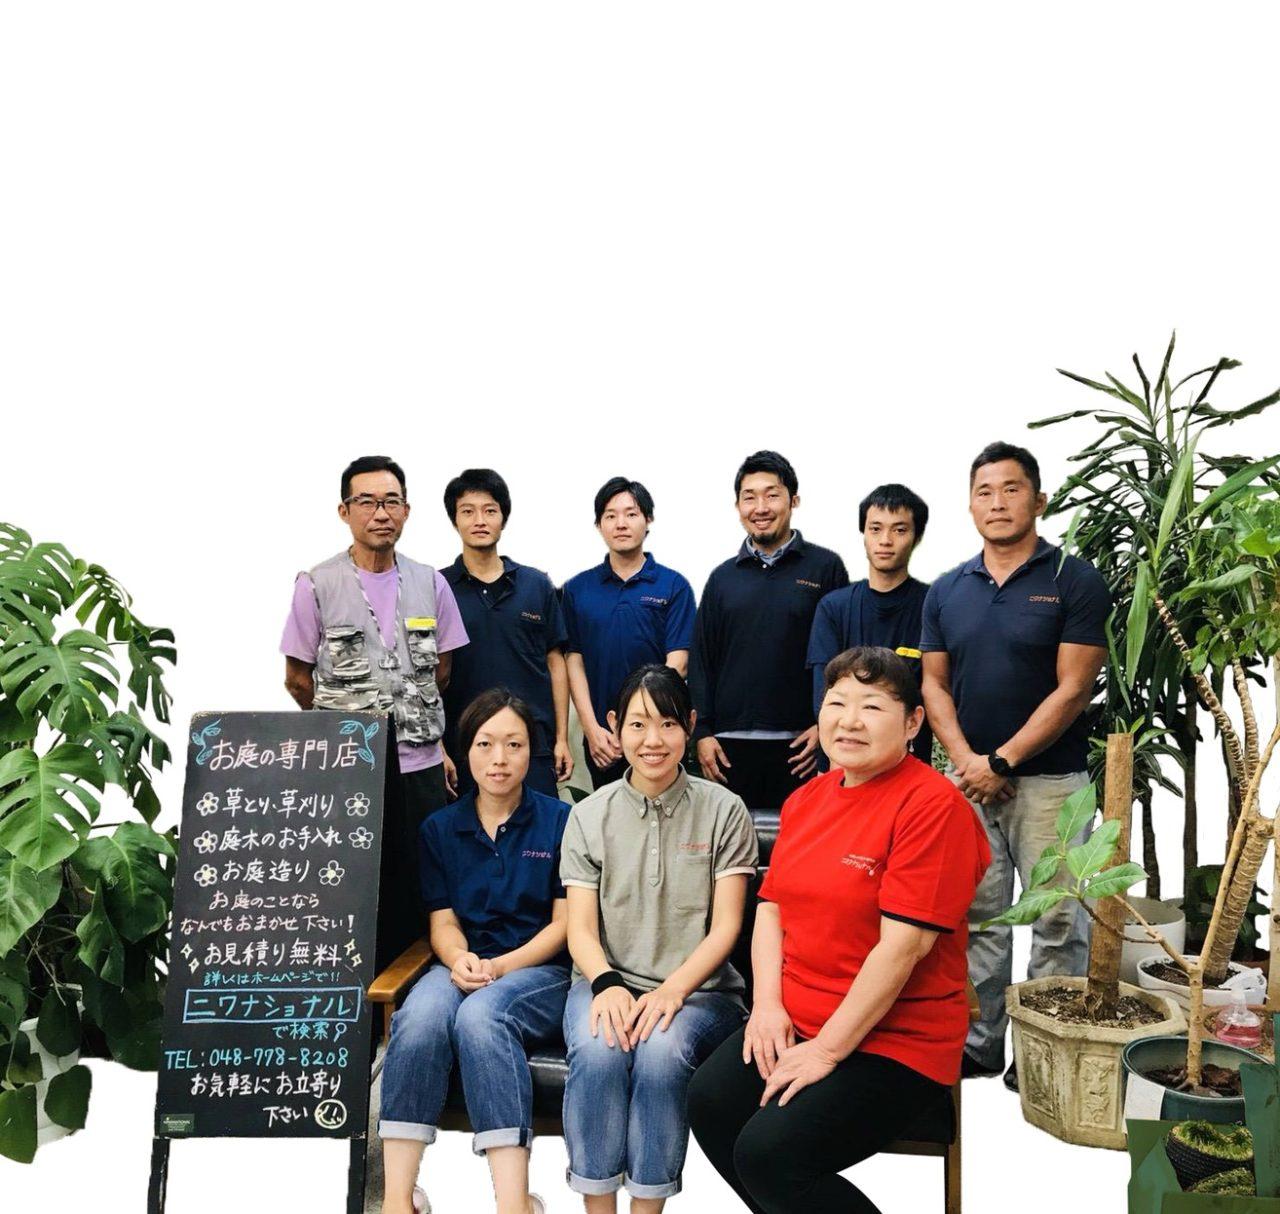 観葉植物のお手入れサービス by お庭の専門店ニワナショナル